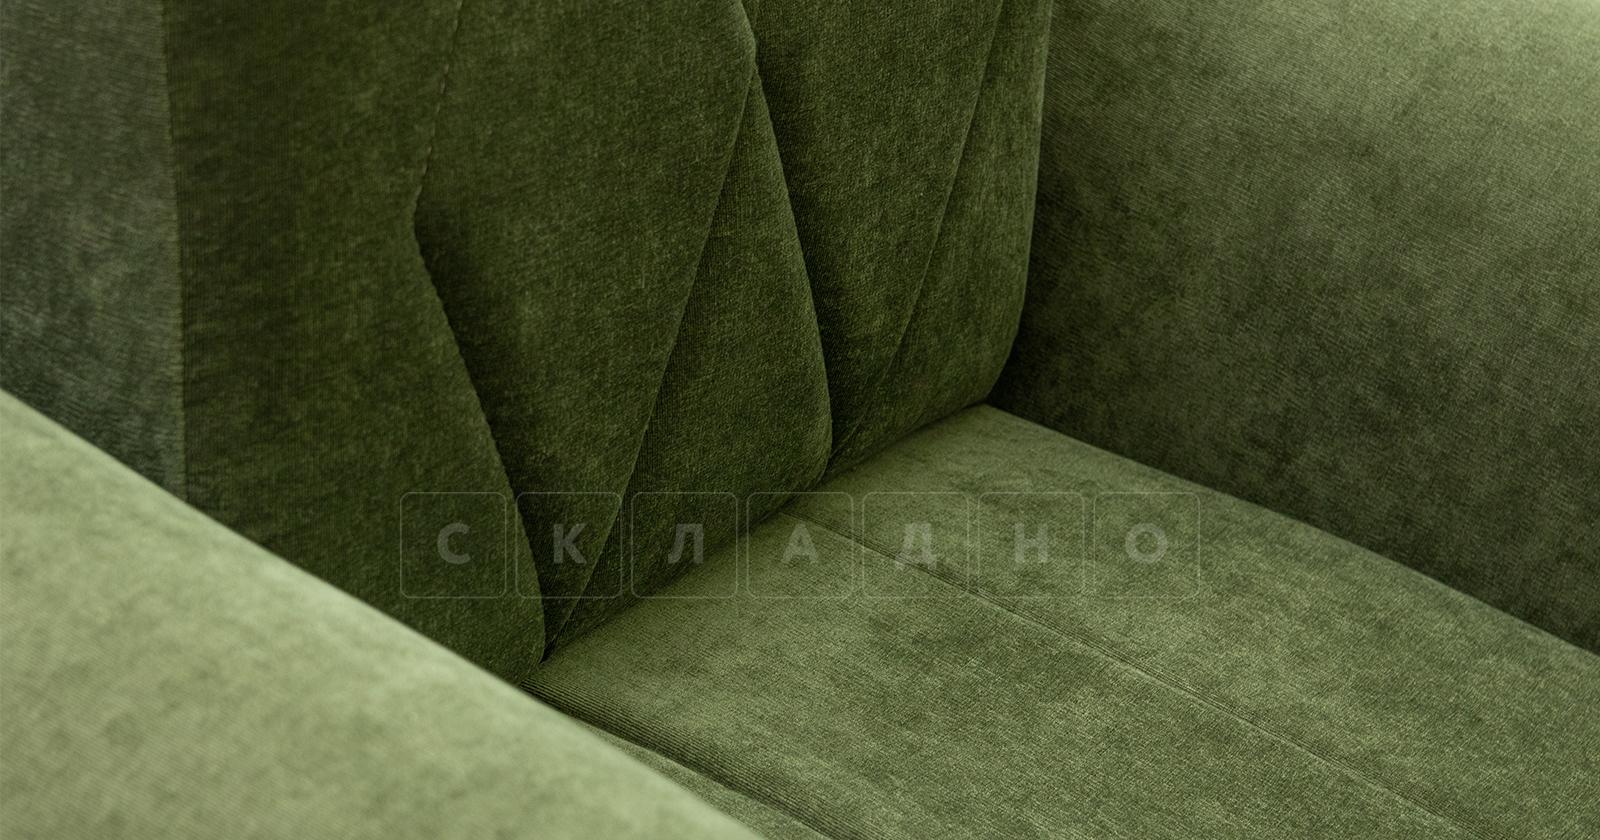 Кресло для отдыха Роза оливковый фото 6 | интернет-магазин Складно